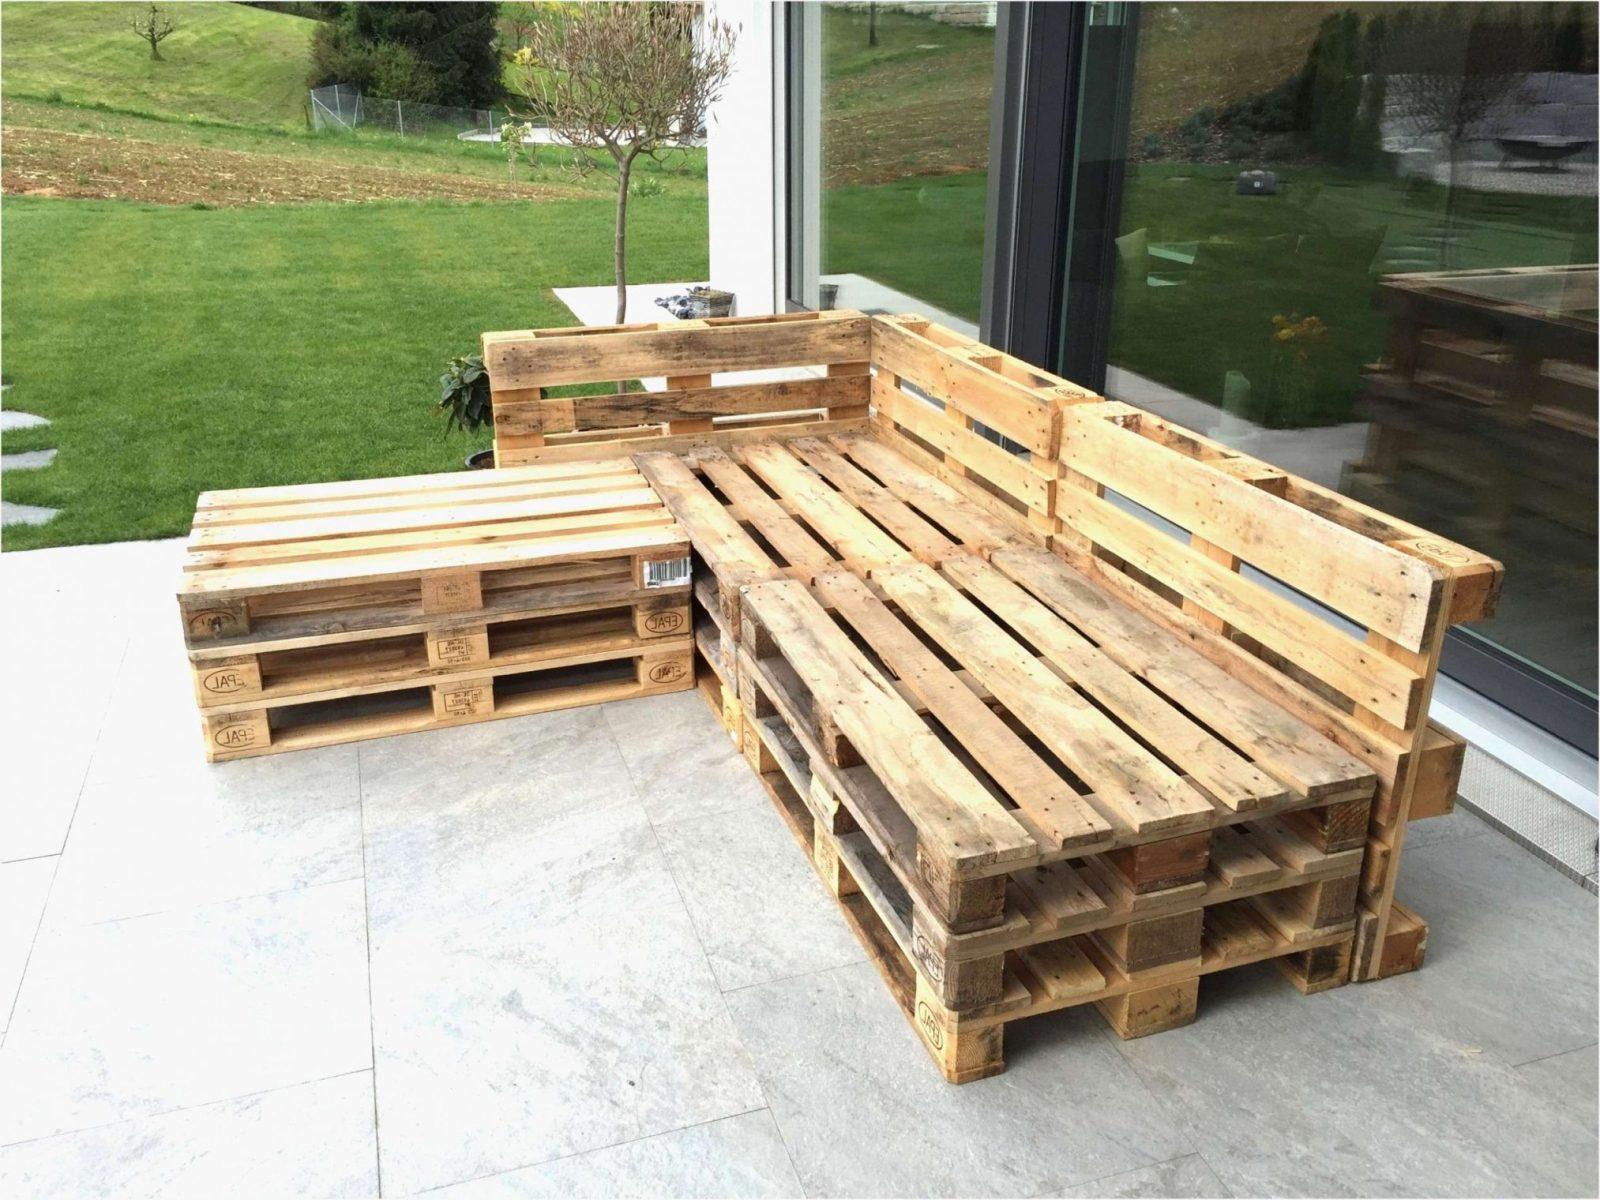 Eckbank Garten Frisch Sitzbank Garten Selber Bauen Idee Lounge Möbel von Lounge Möbel Selber Bauen Photo